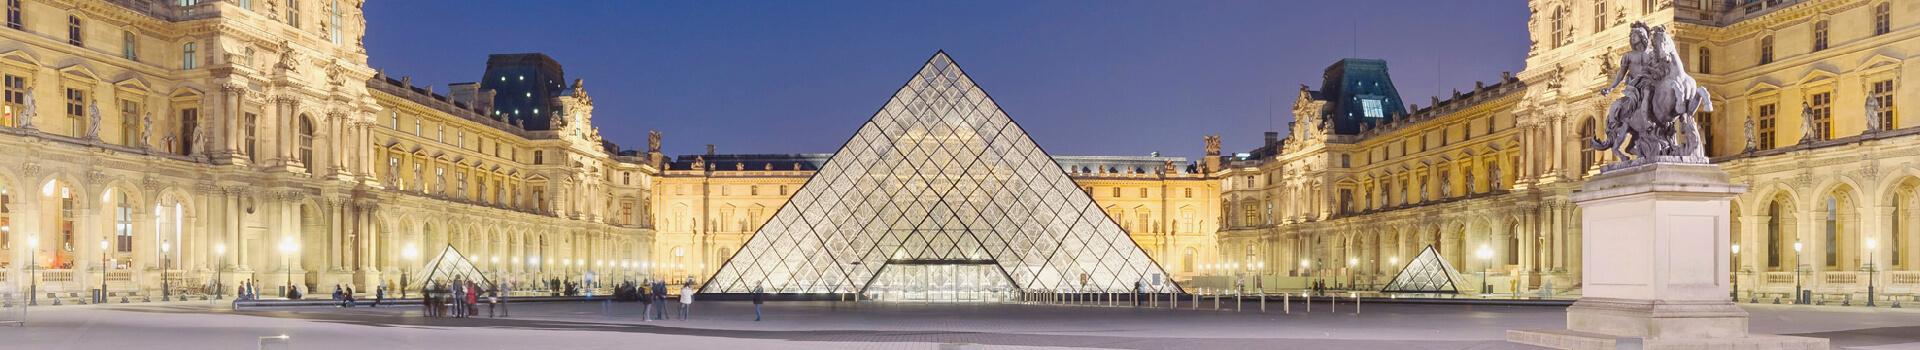 París siempre París